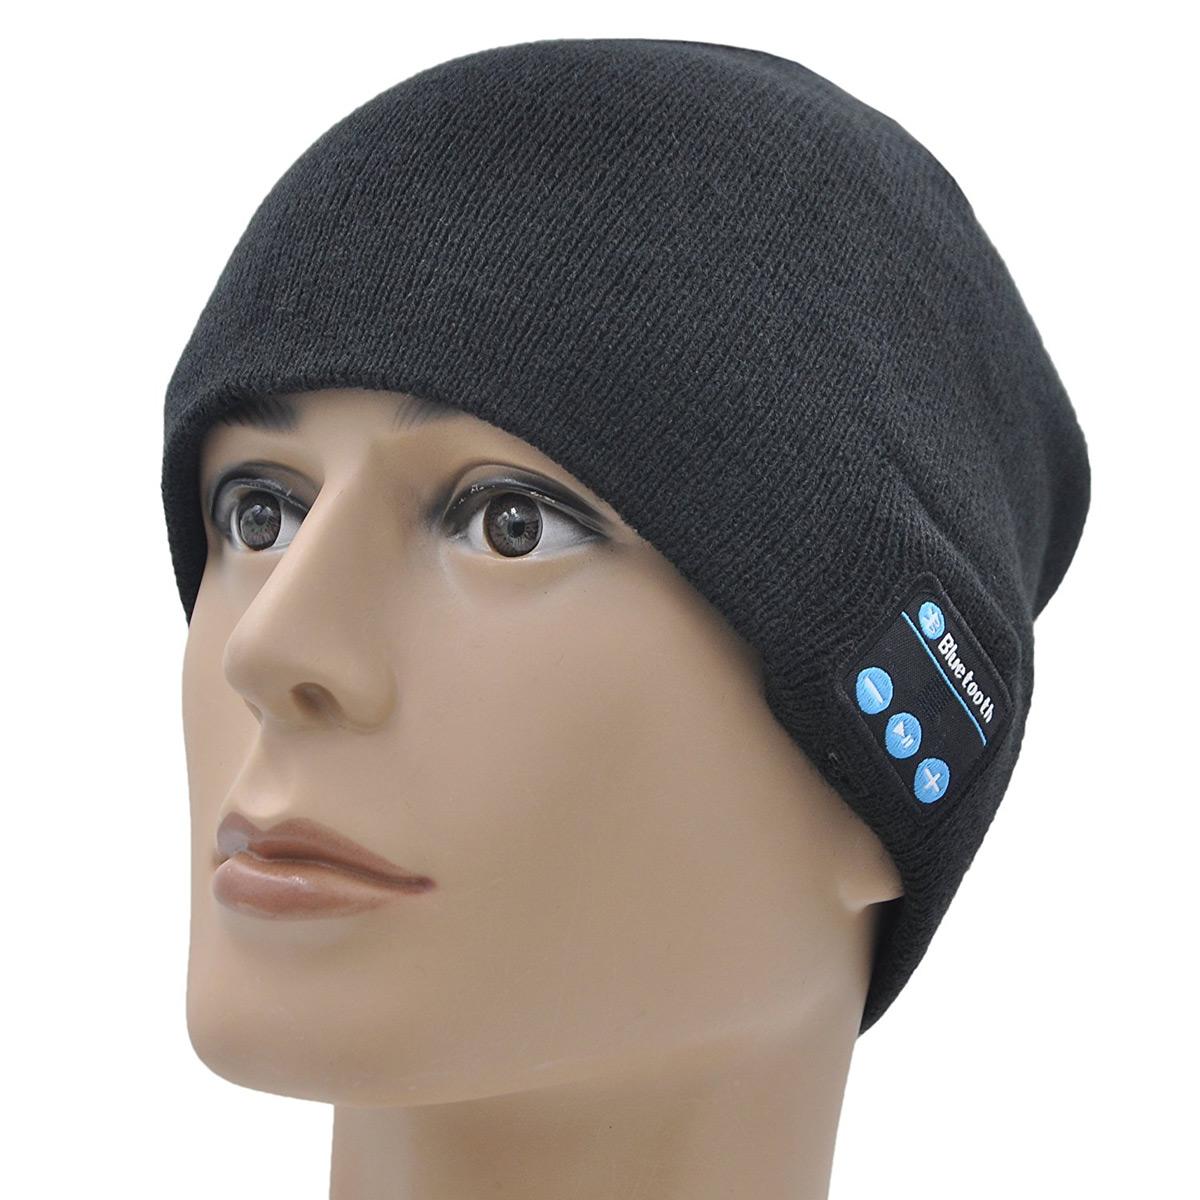 Wireless Bluetooth Beanie - Listen To Music, Make Hands ...